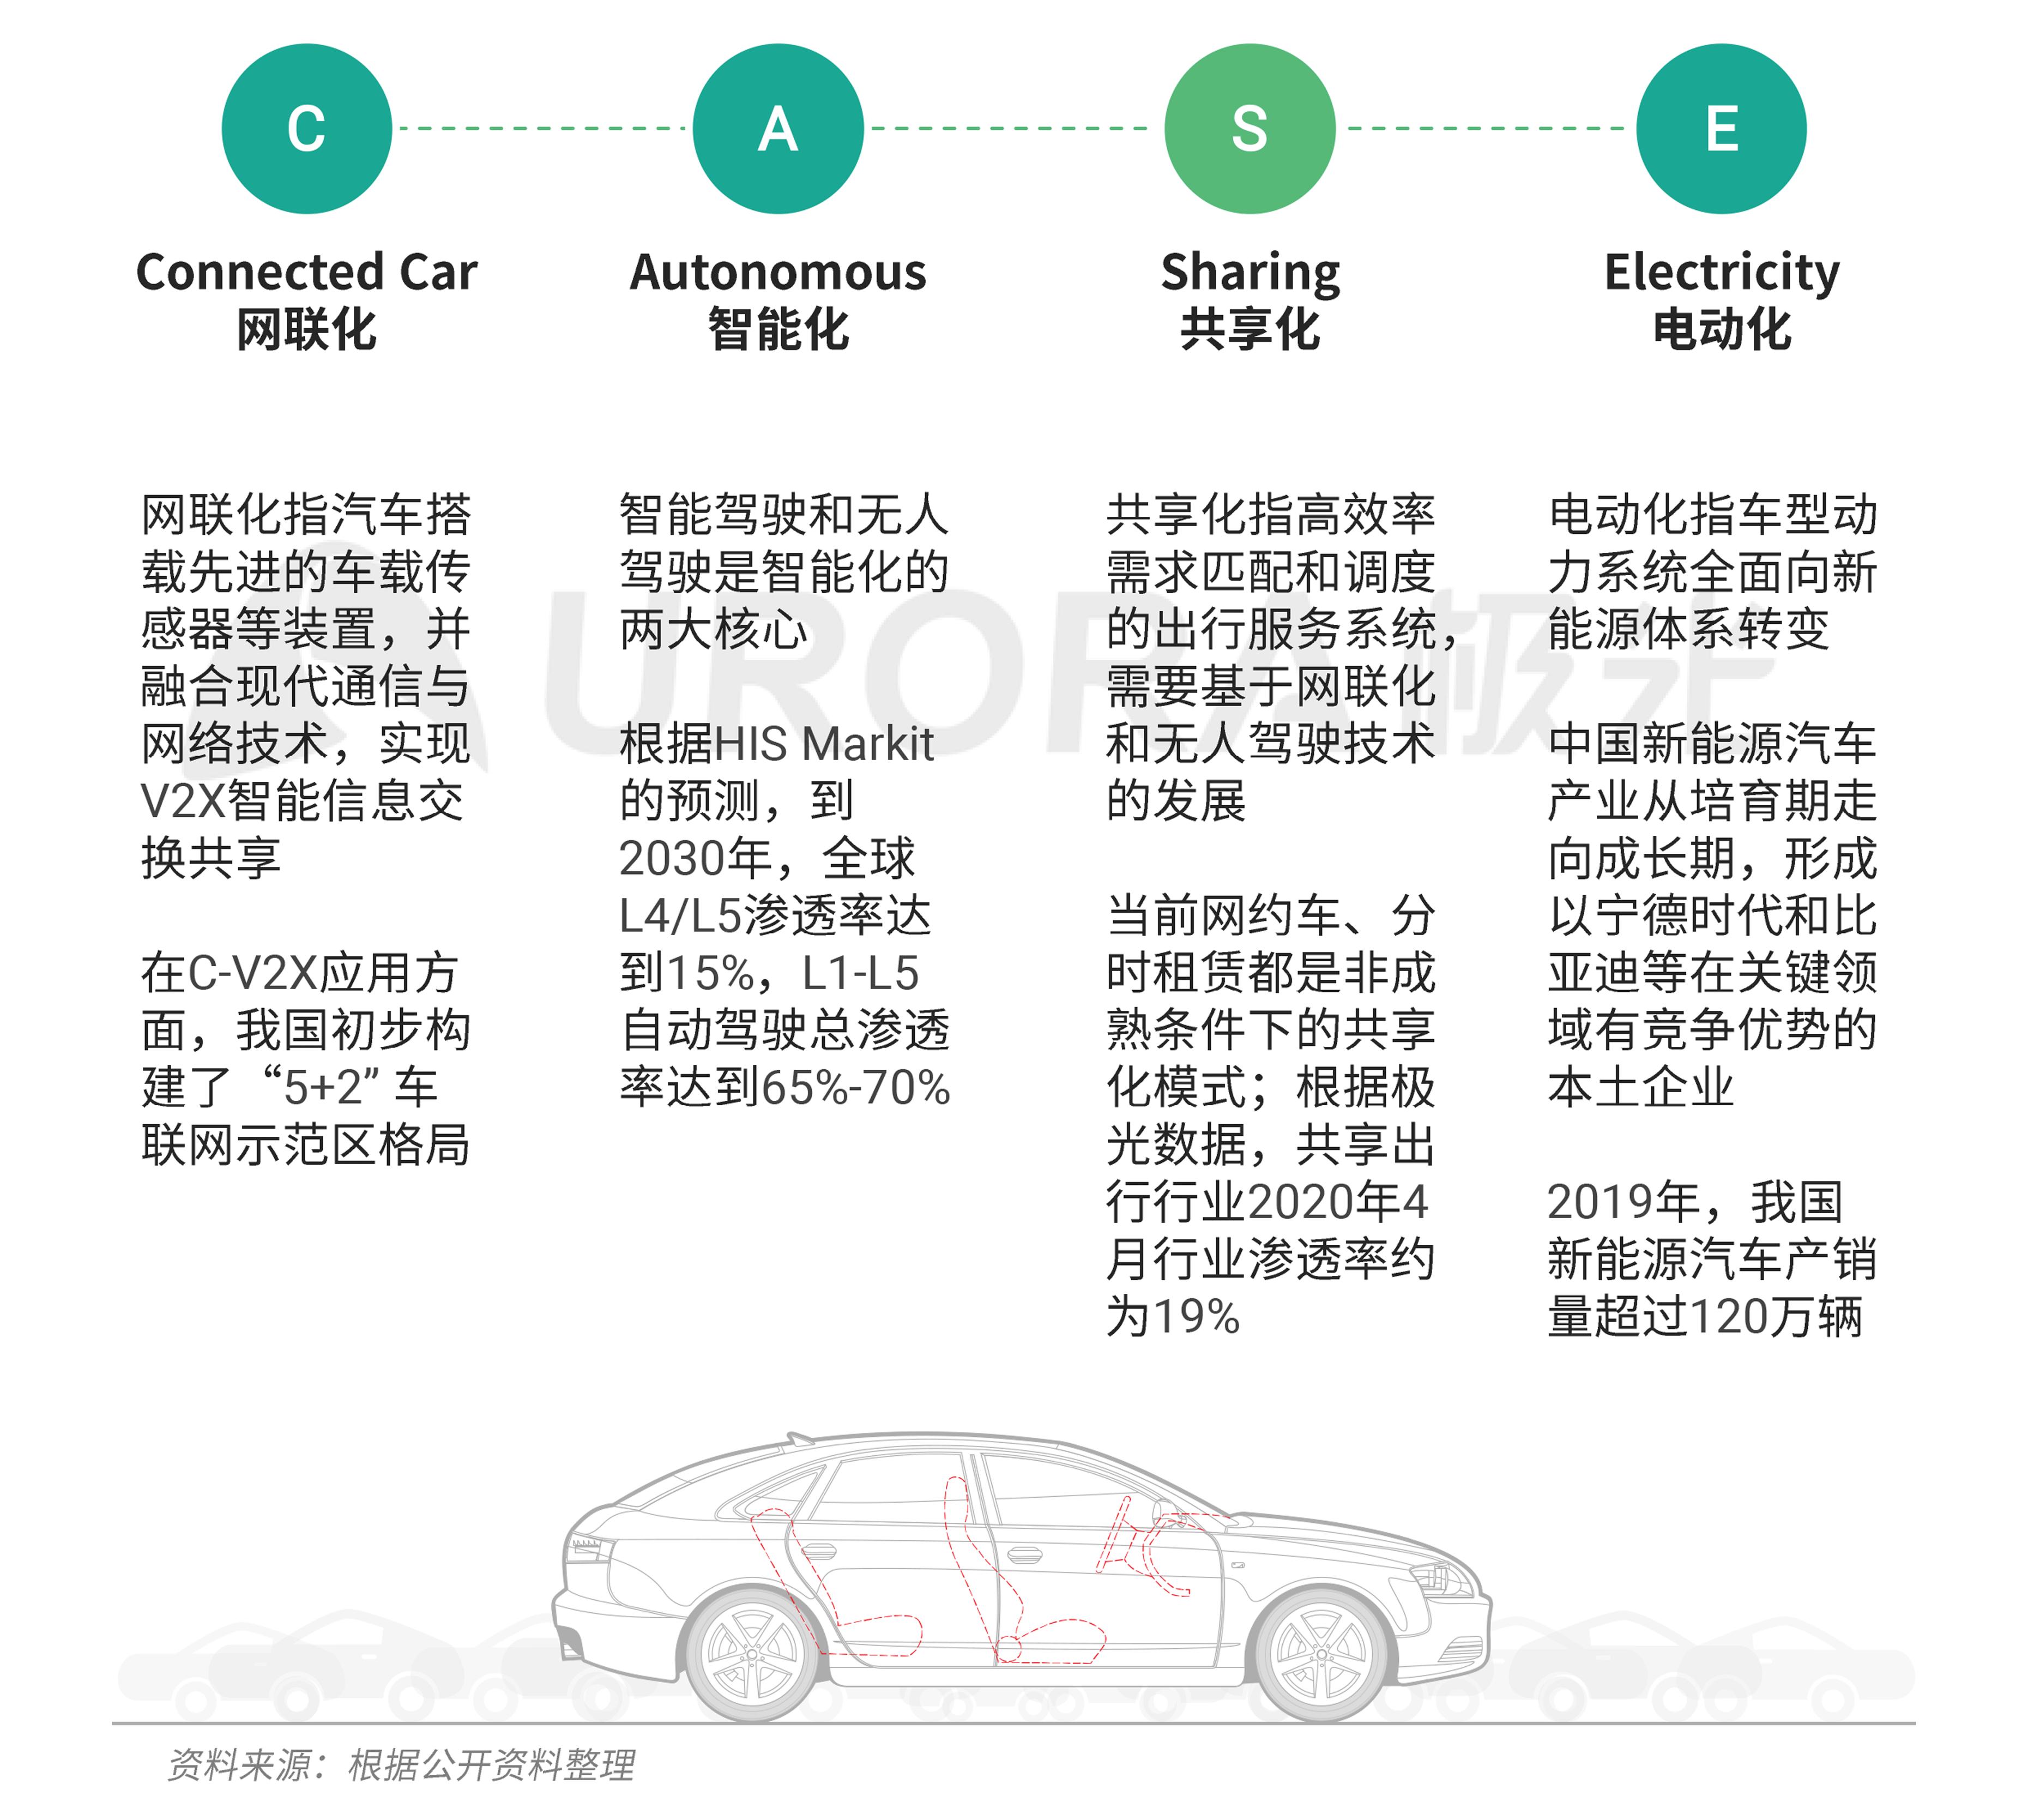 极光:汽车产业新格局 (12).png